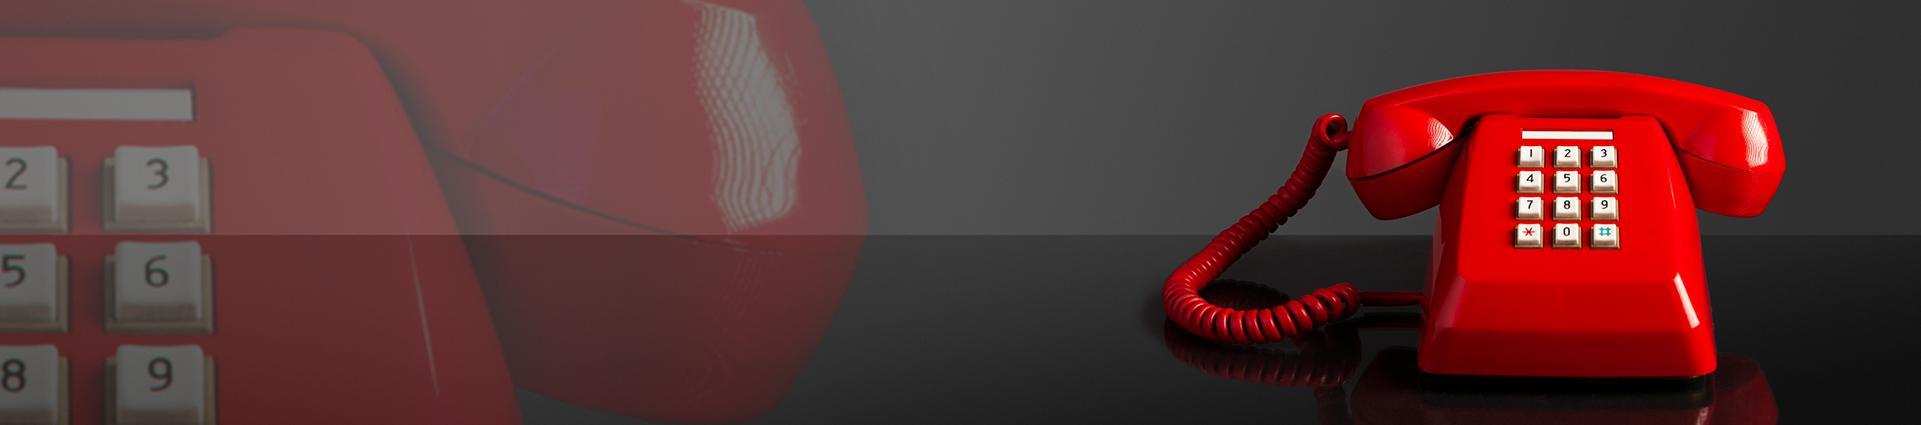 Banner kontakt Czerwony telefon